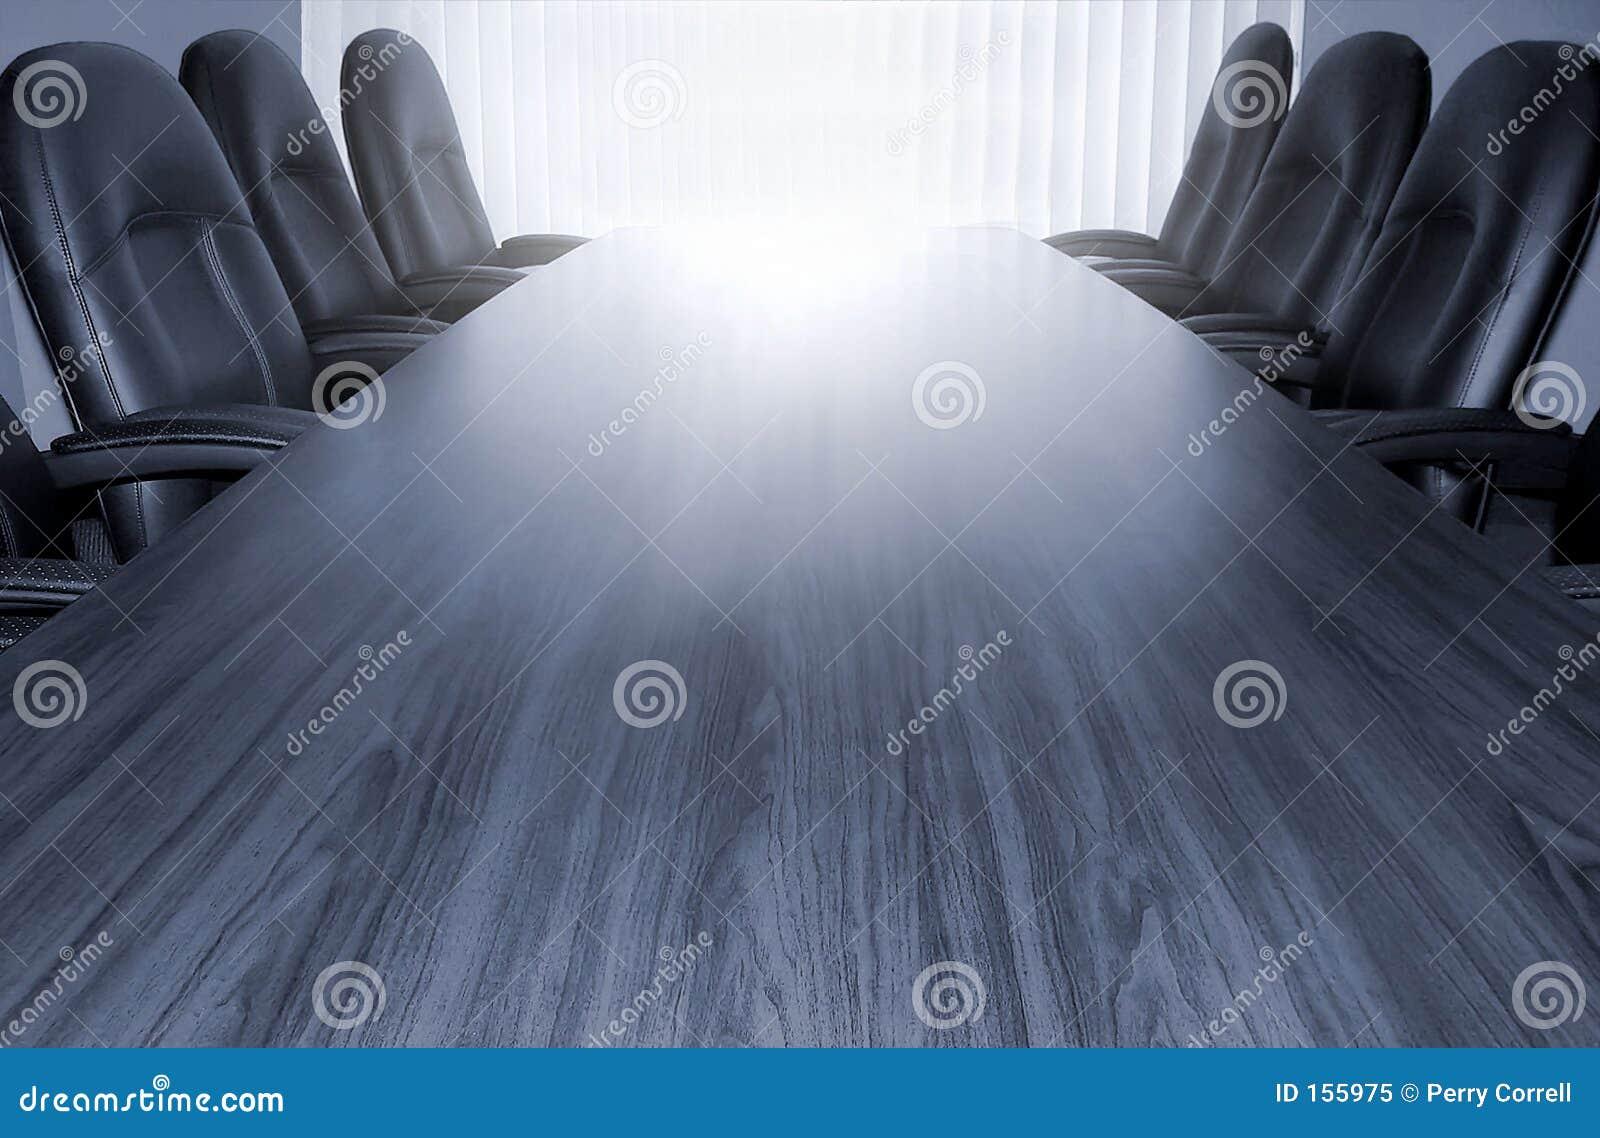 Monotone conference table